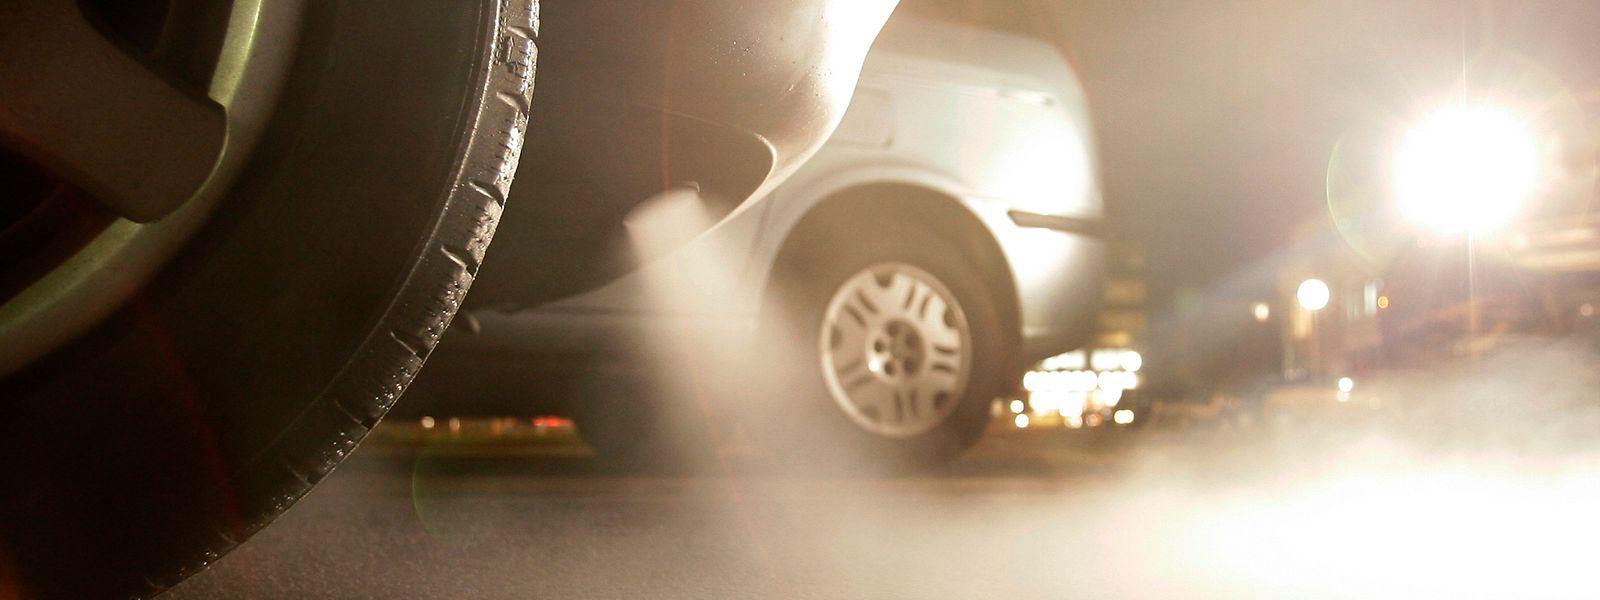 L'an passé, plus de 55.000 voitures neuves ont été immatriculées au Luxembourg.